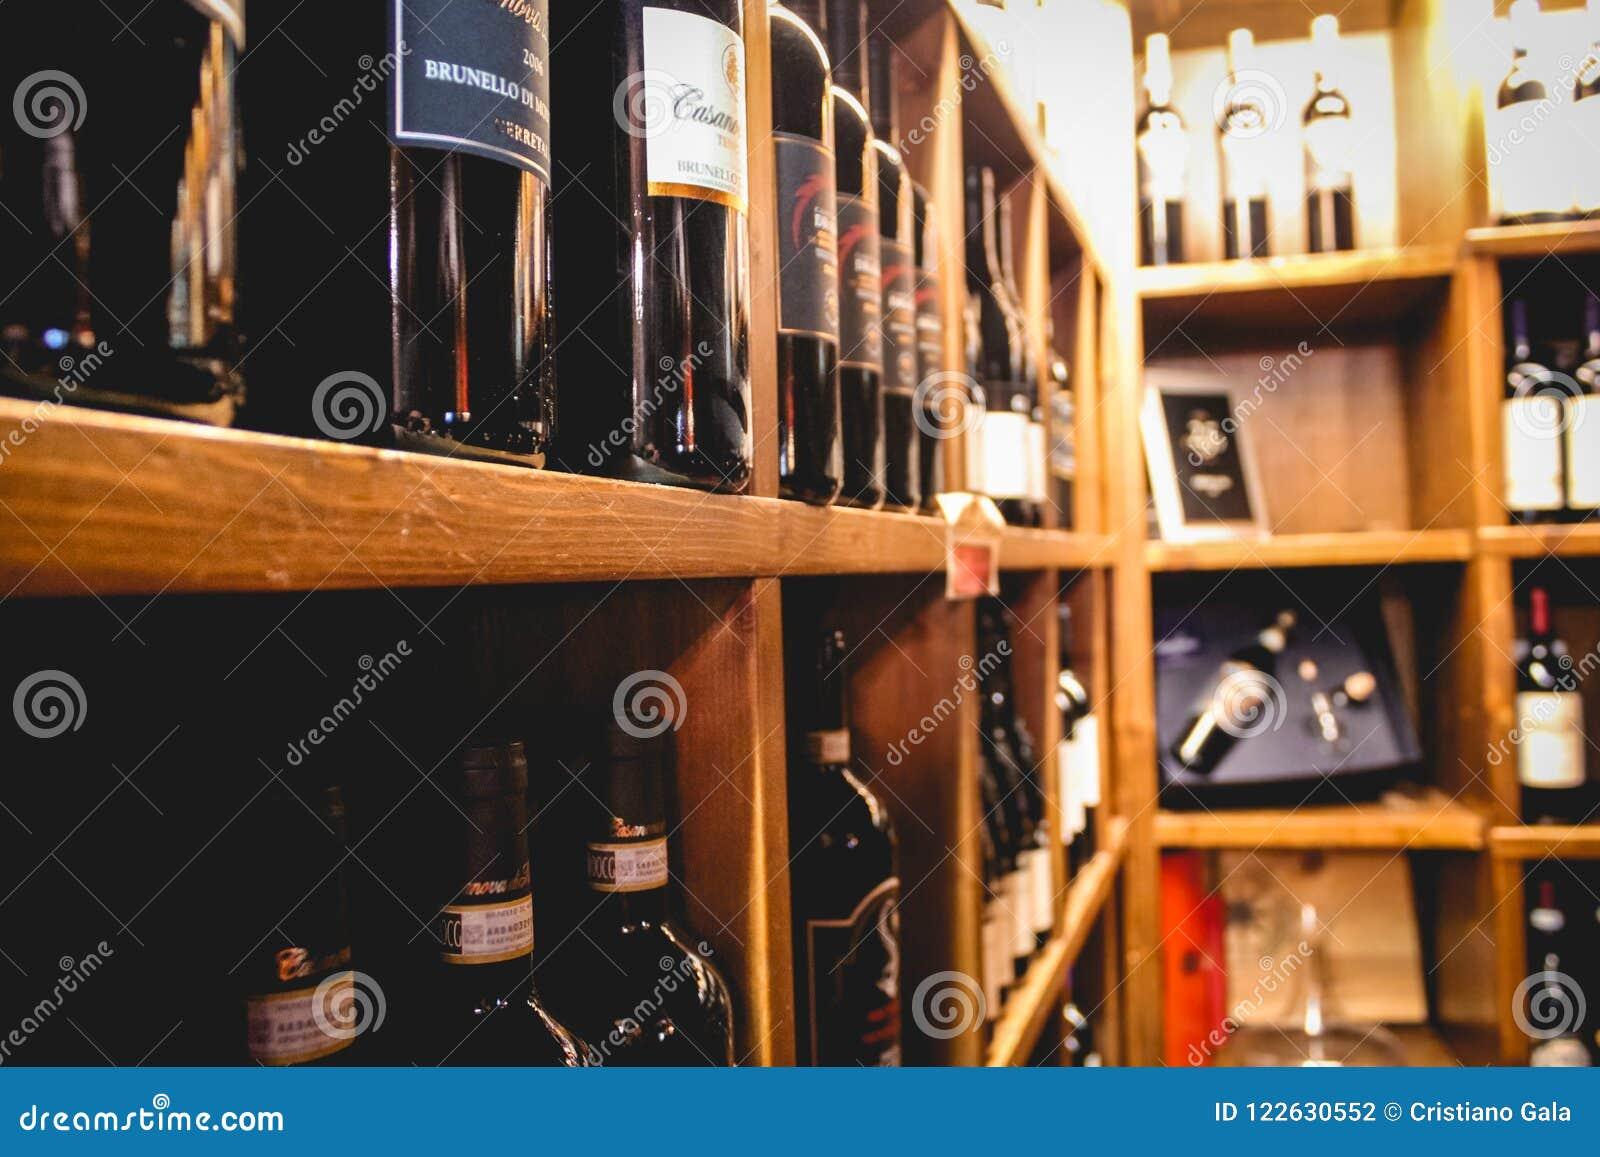 Loja de vinhos italiana